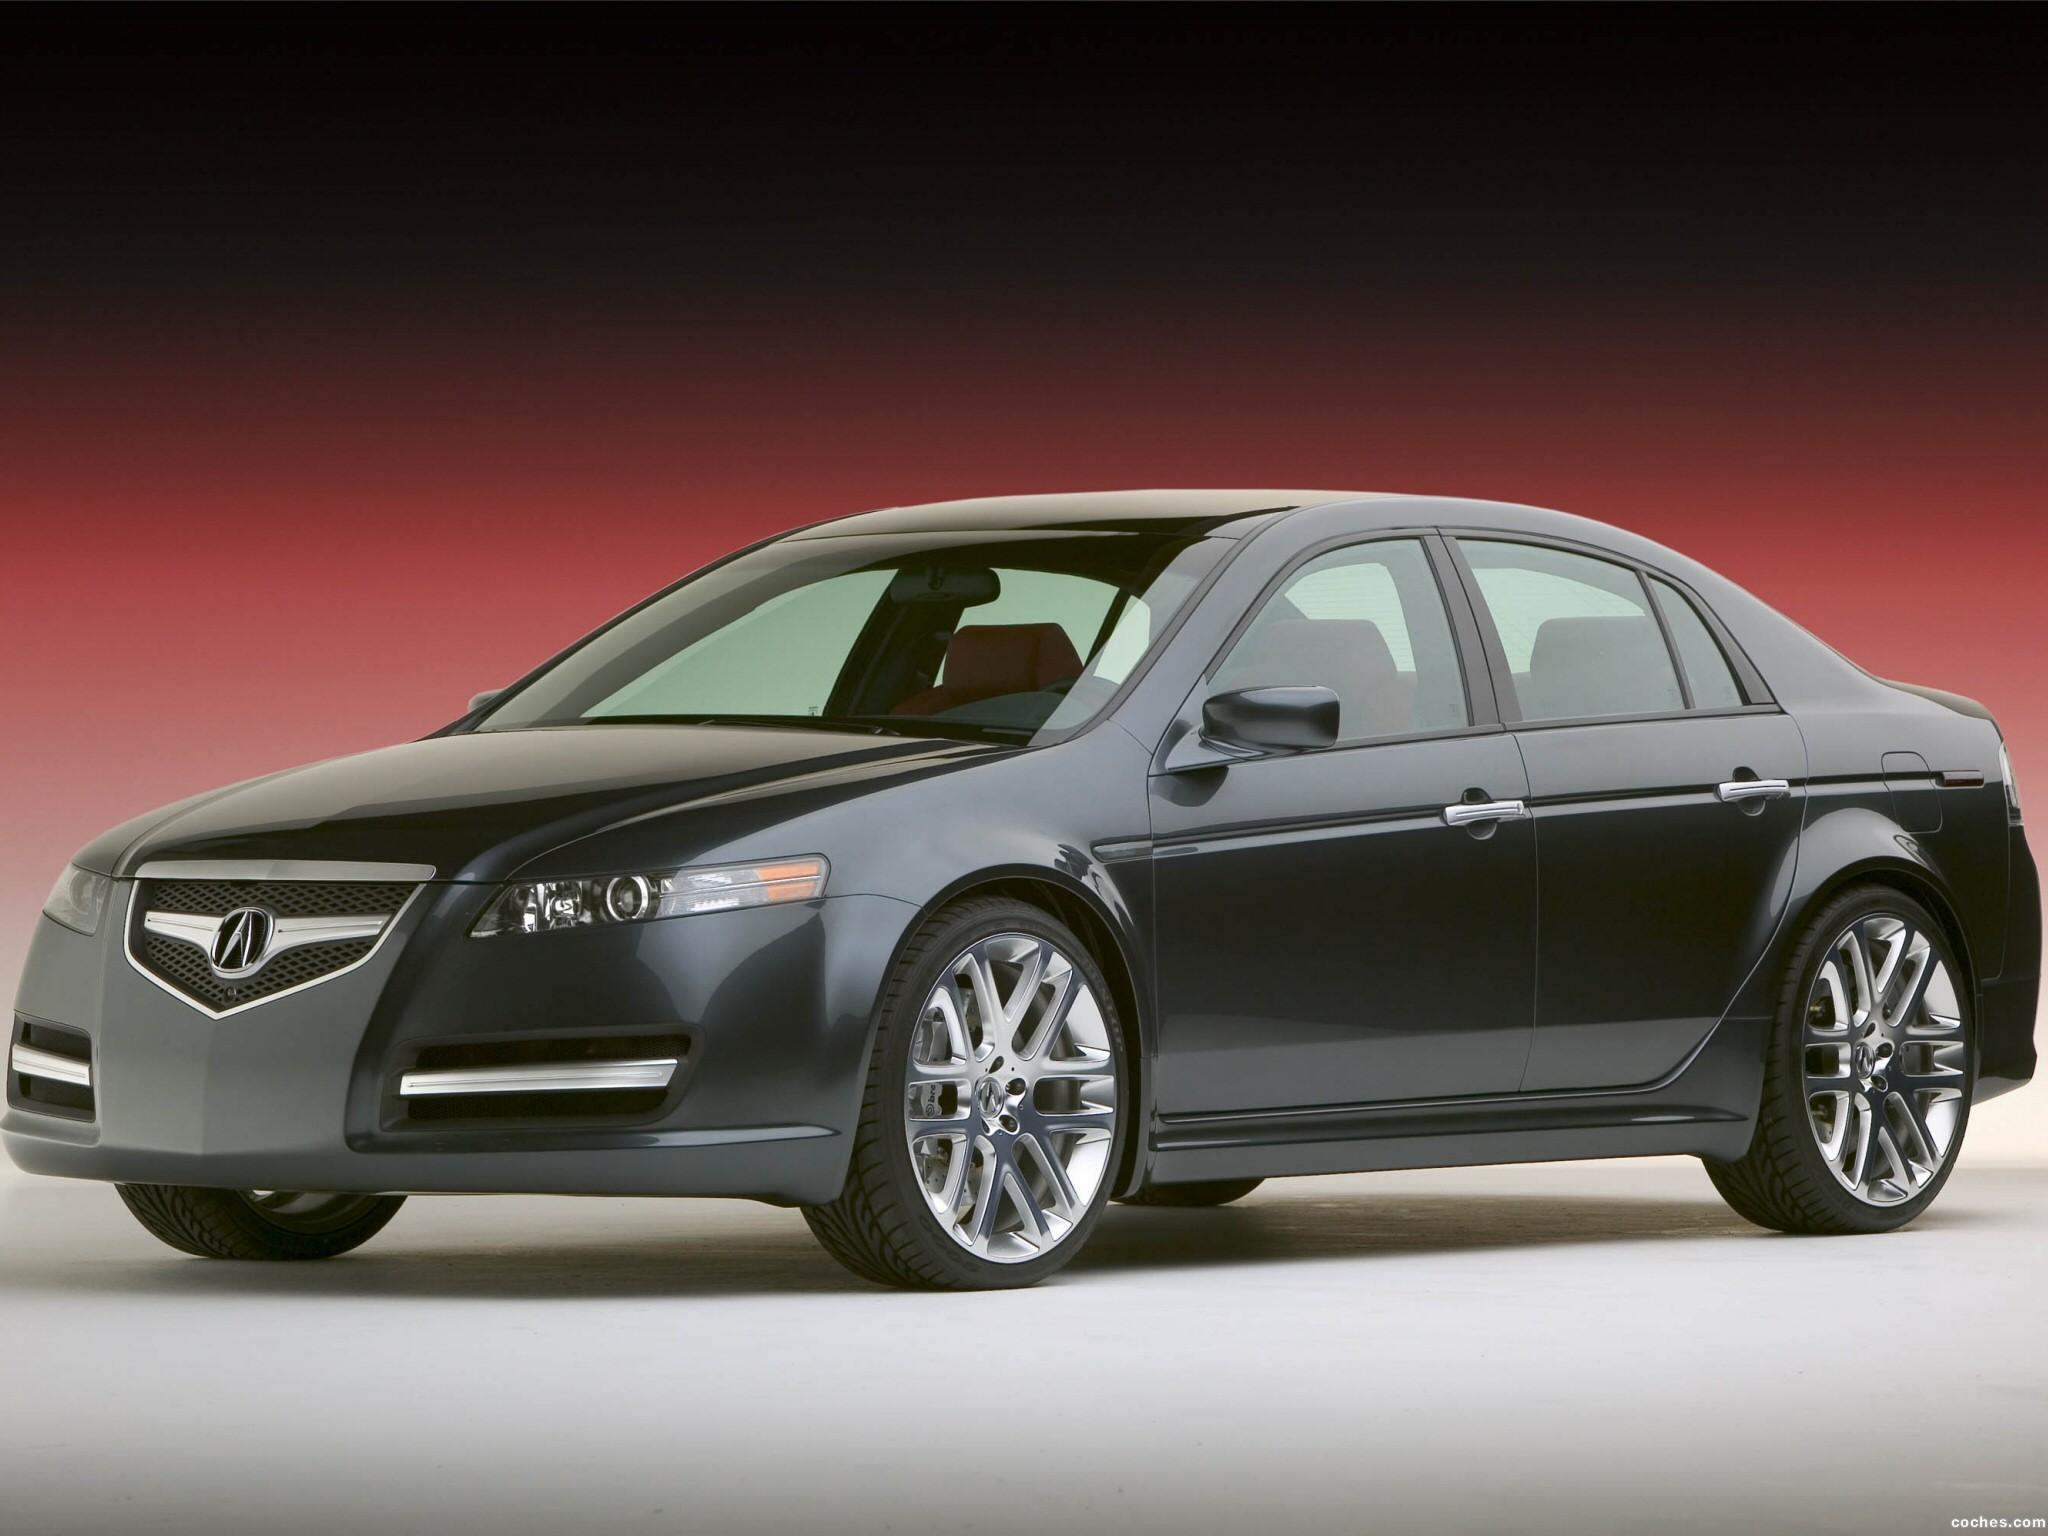 Foto 4 de Acura TL A-Spec Concept 2003